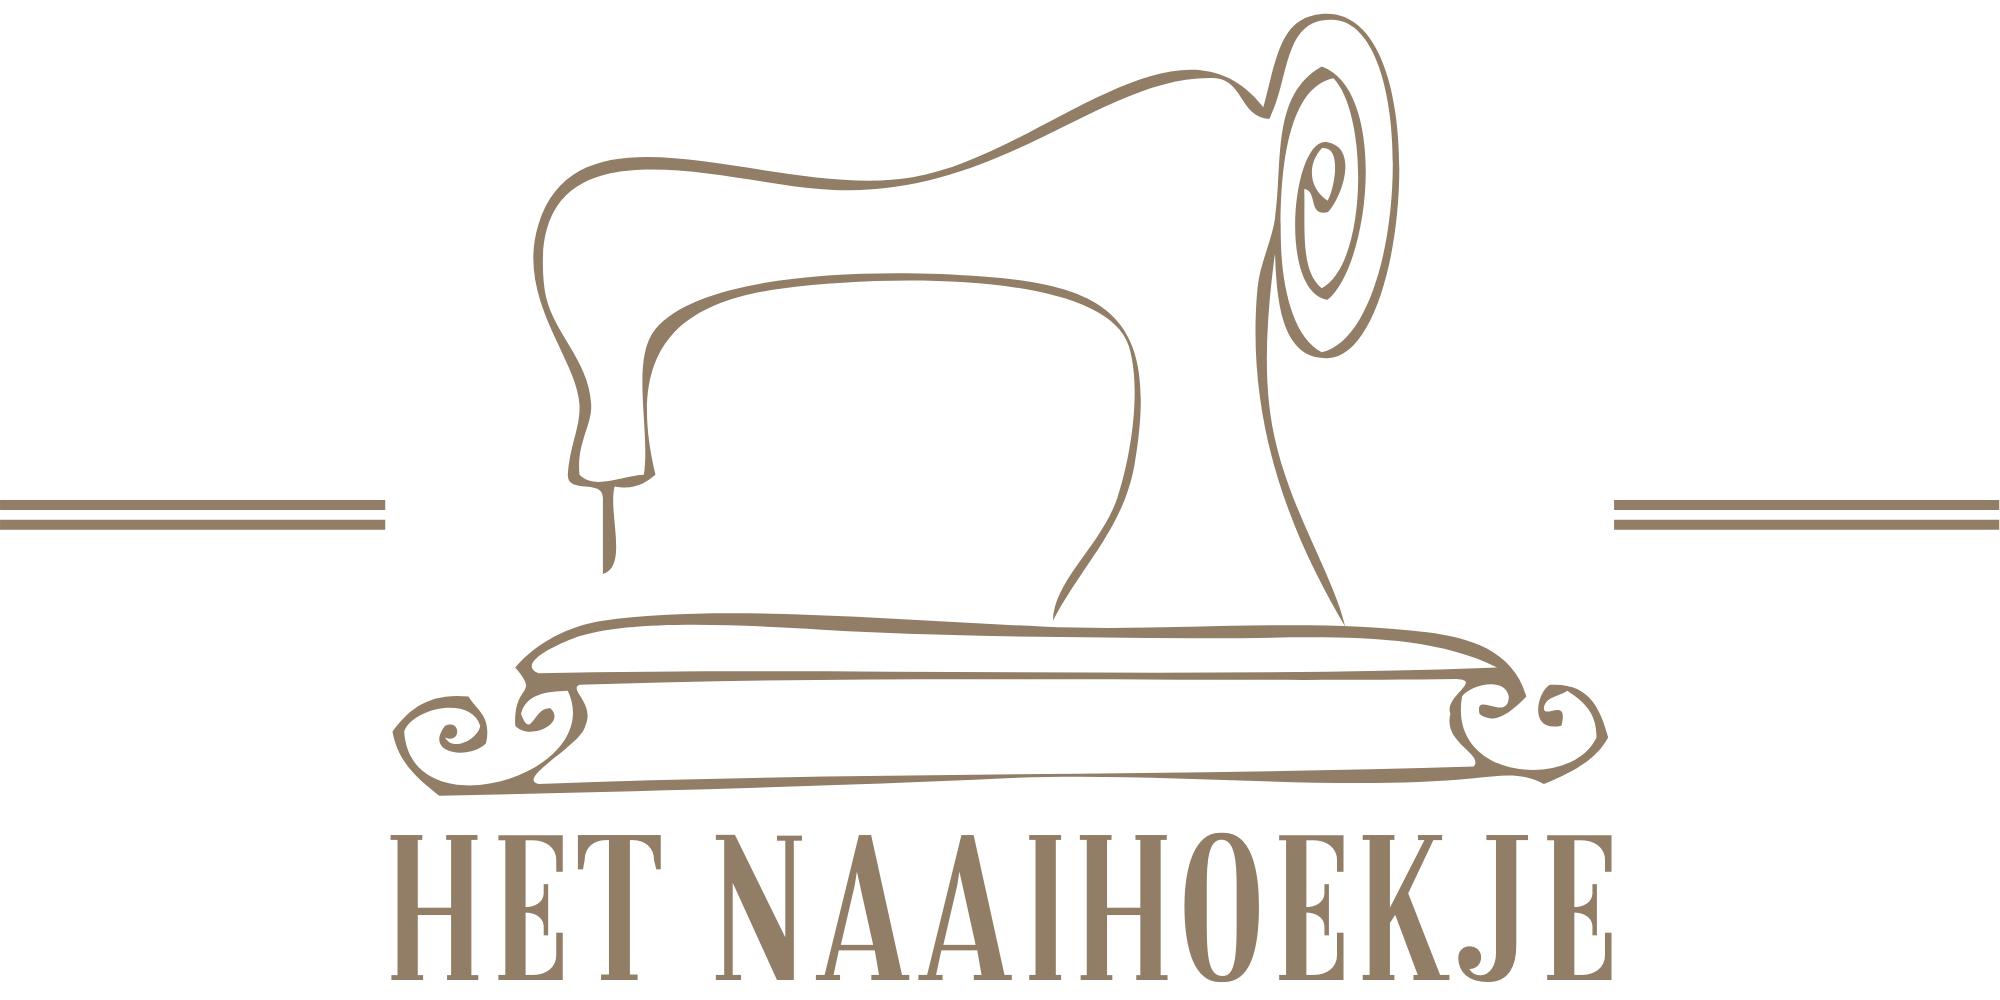 Het Naaihoekje Goud Rustiek Vintage rechthoek Logo